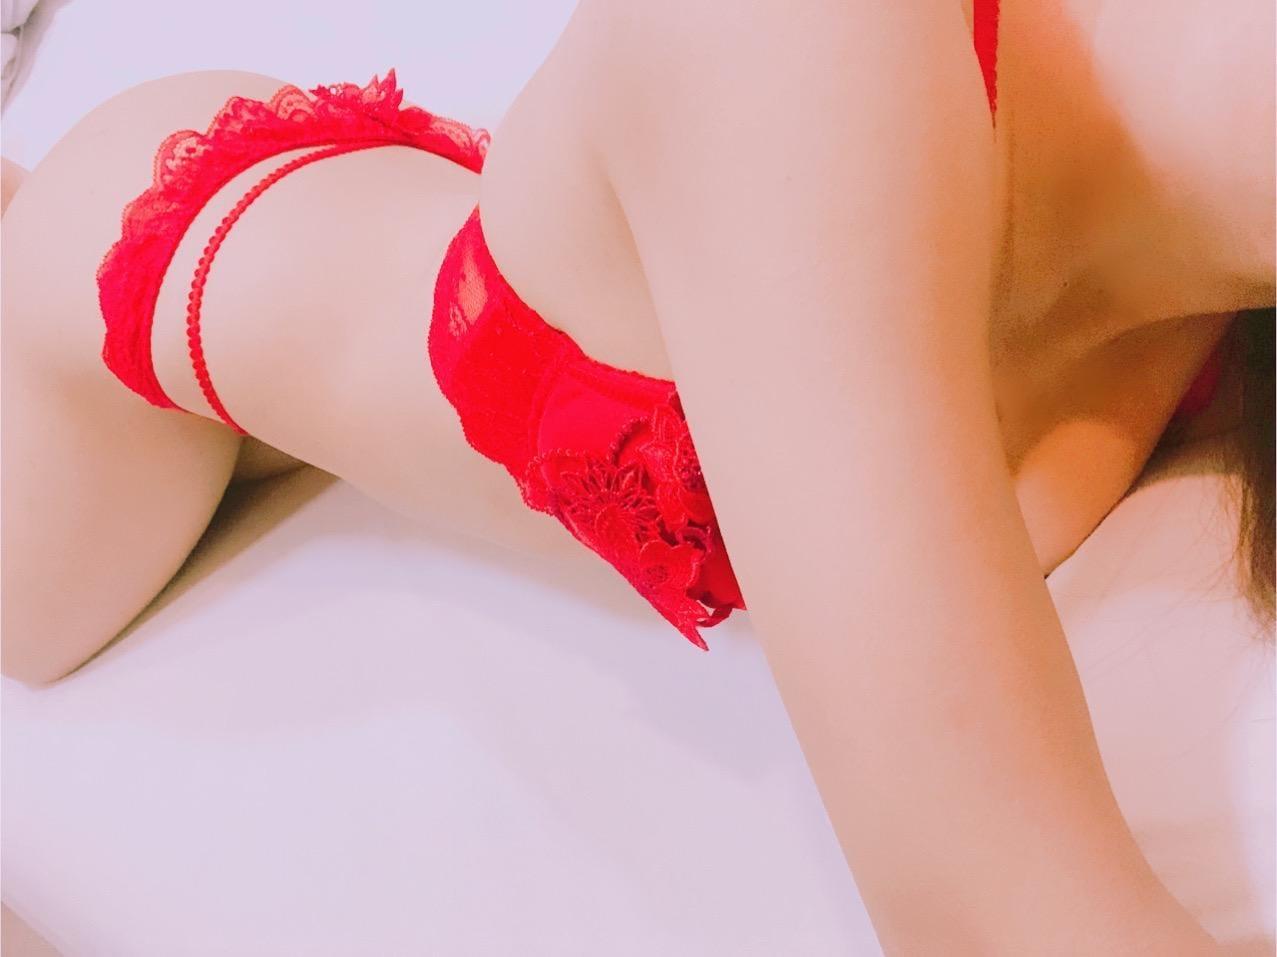 「リバの会員様」11/17(11/17) 21:31 | えみの写メ・風俗動画